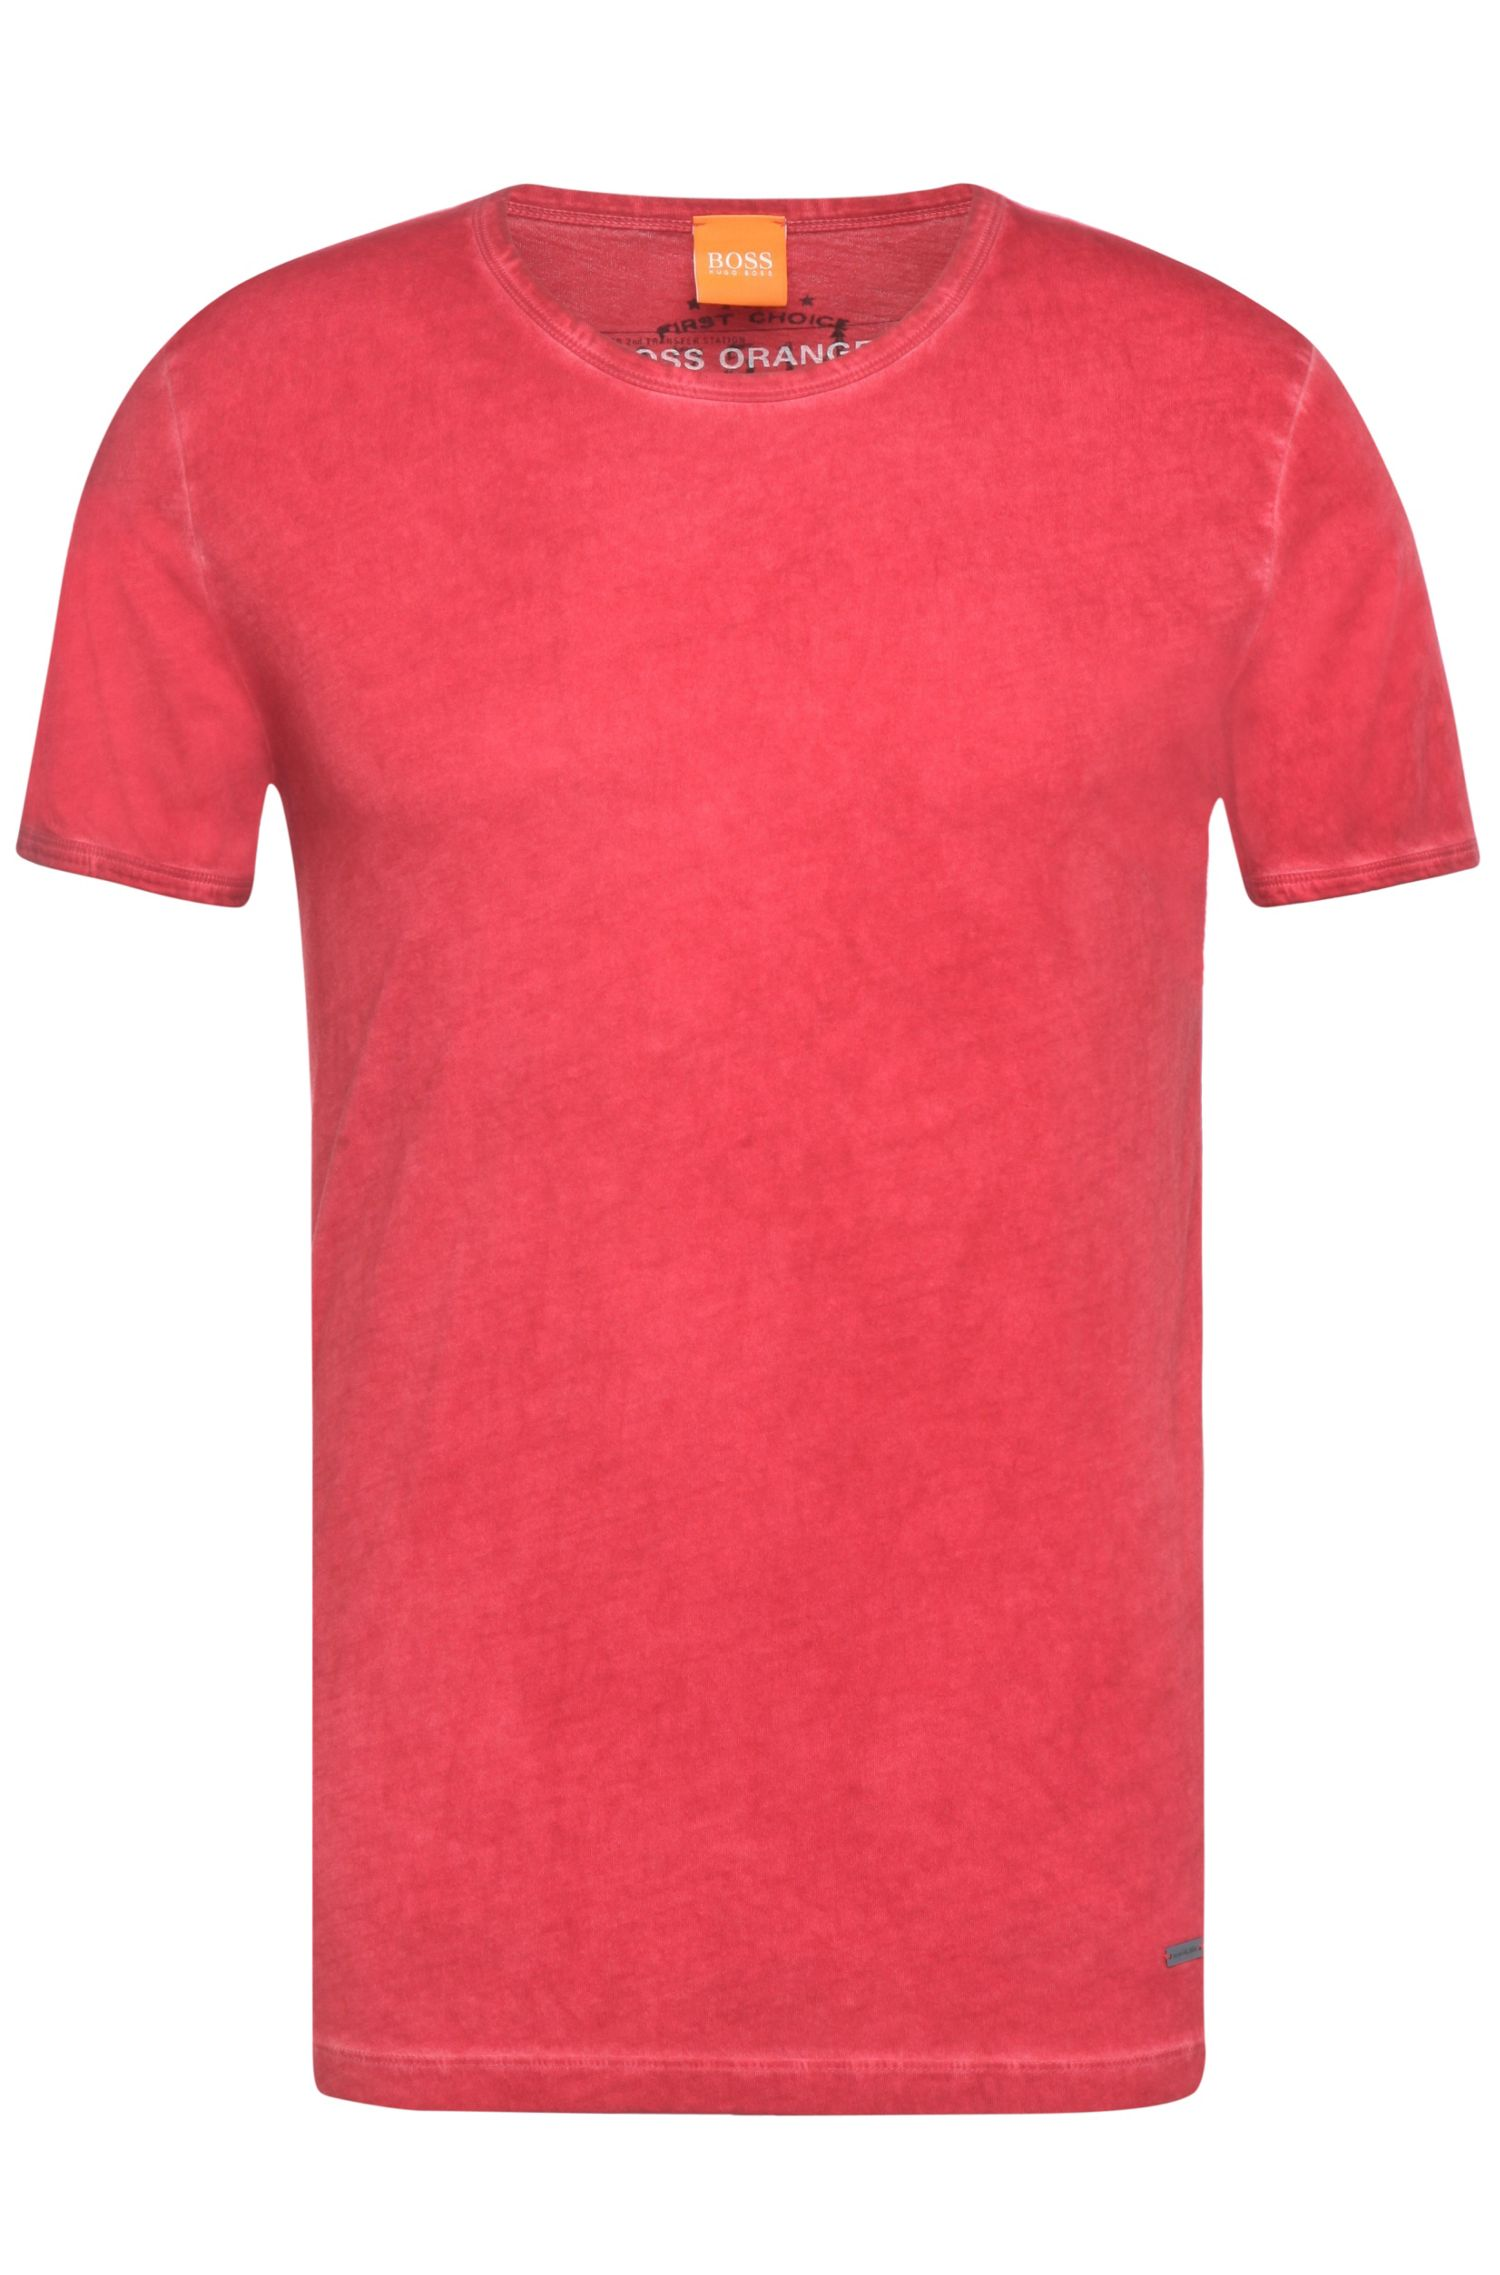 T-shirt 'Tour' con scollatura a girocollo